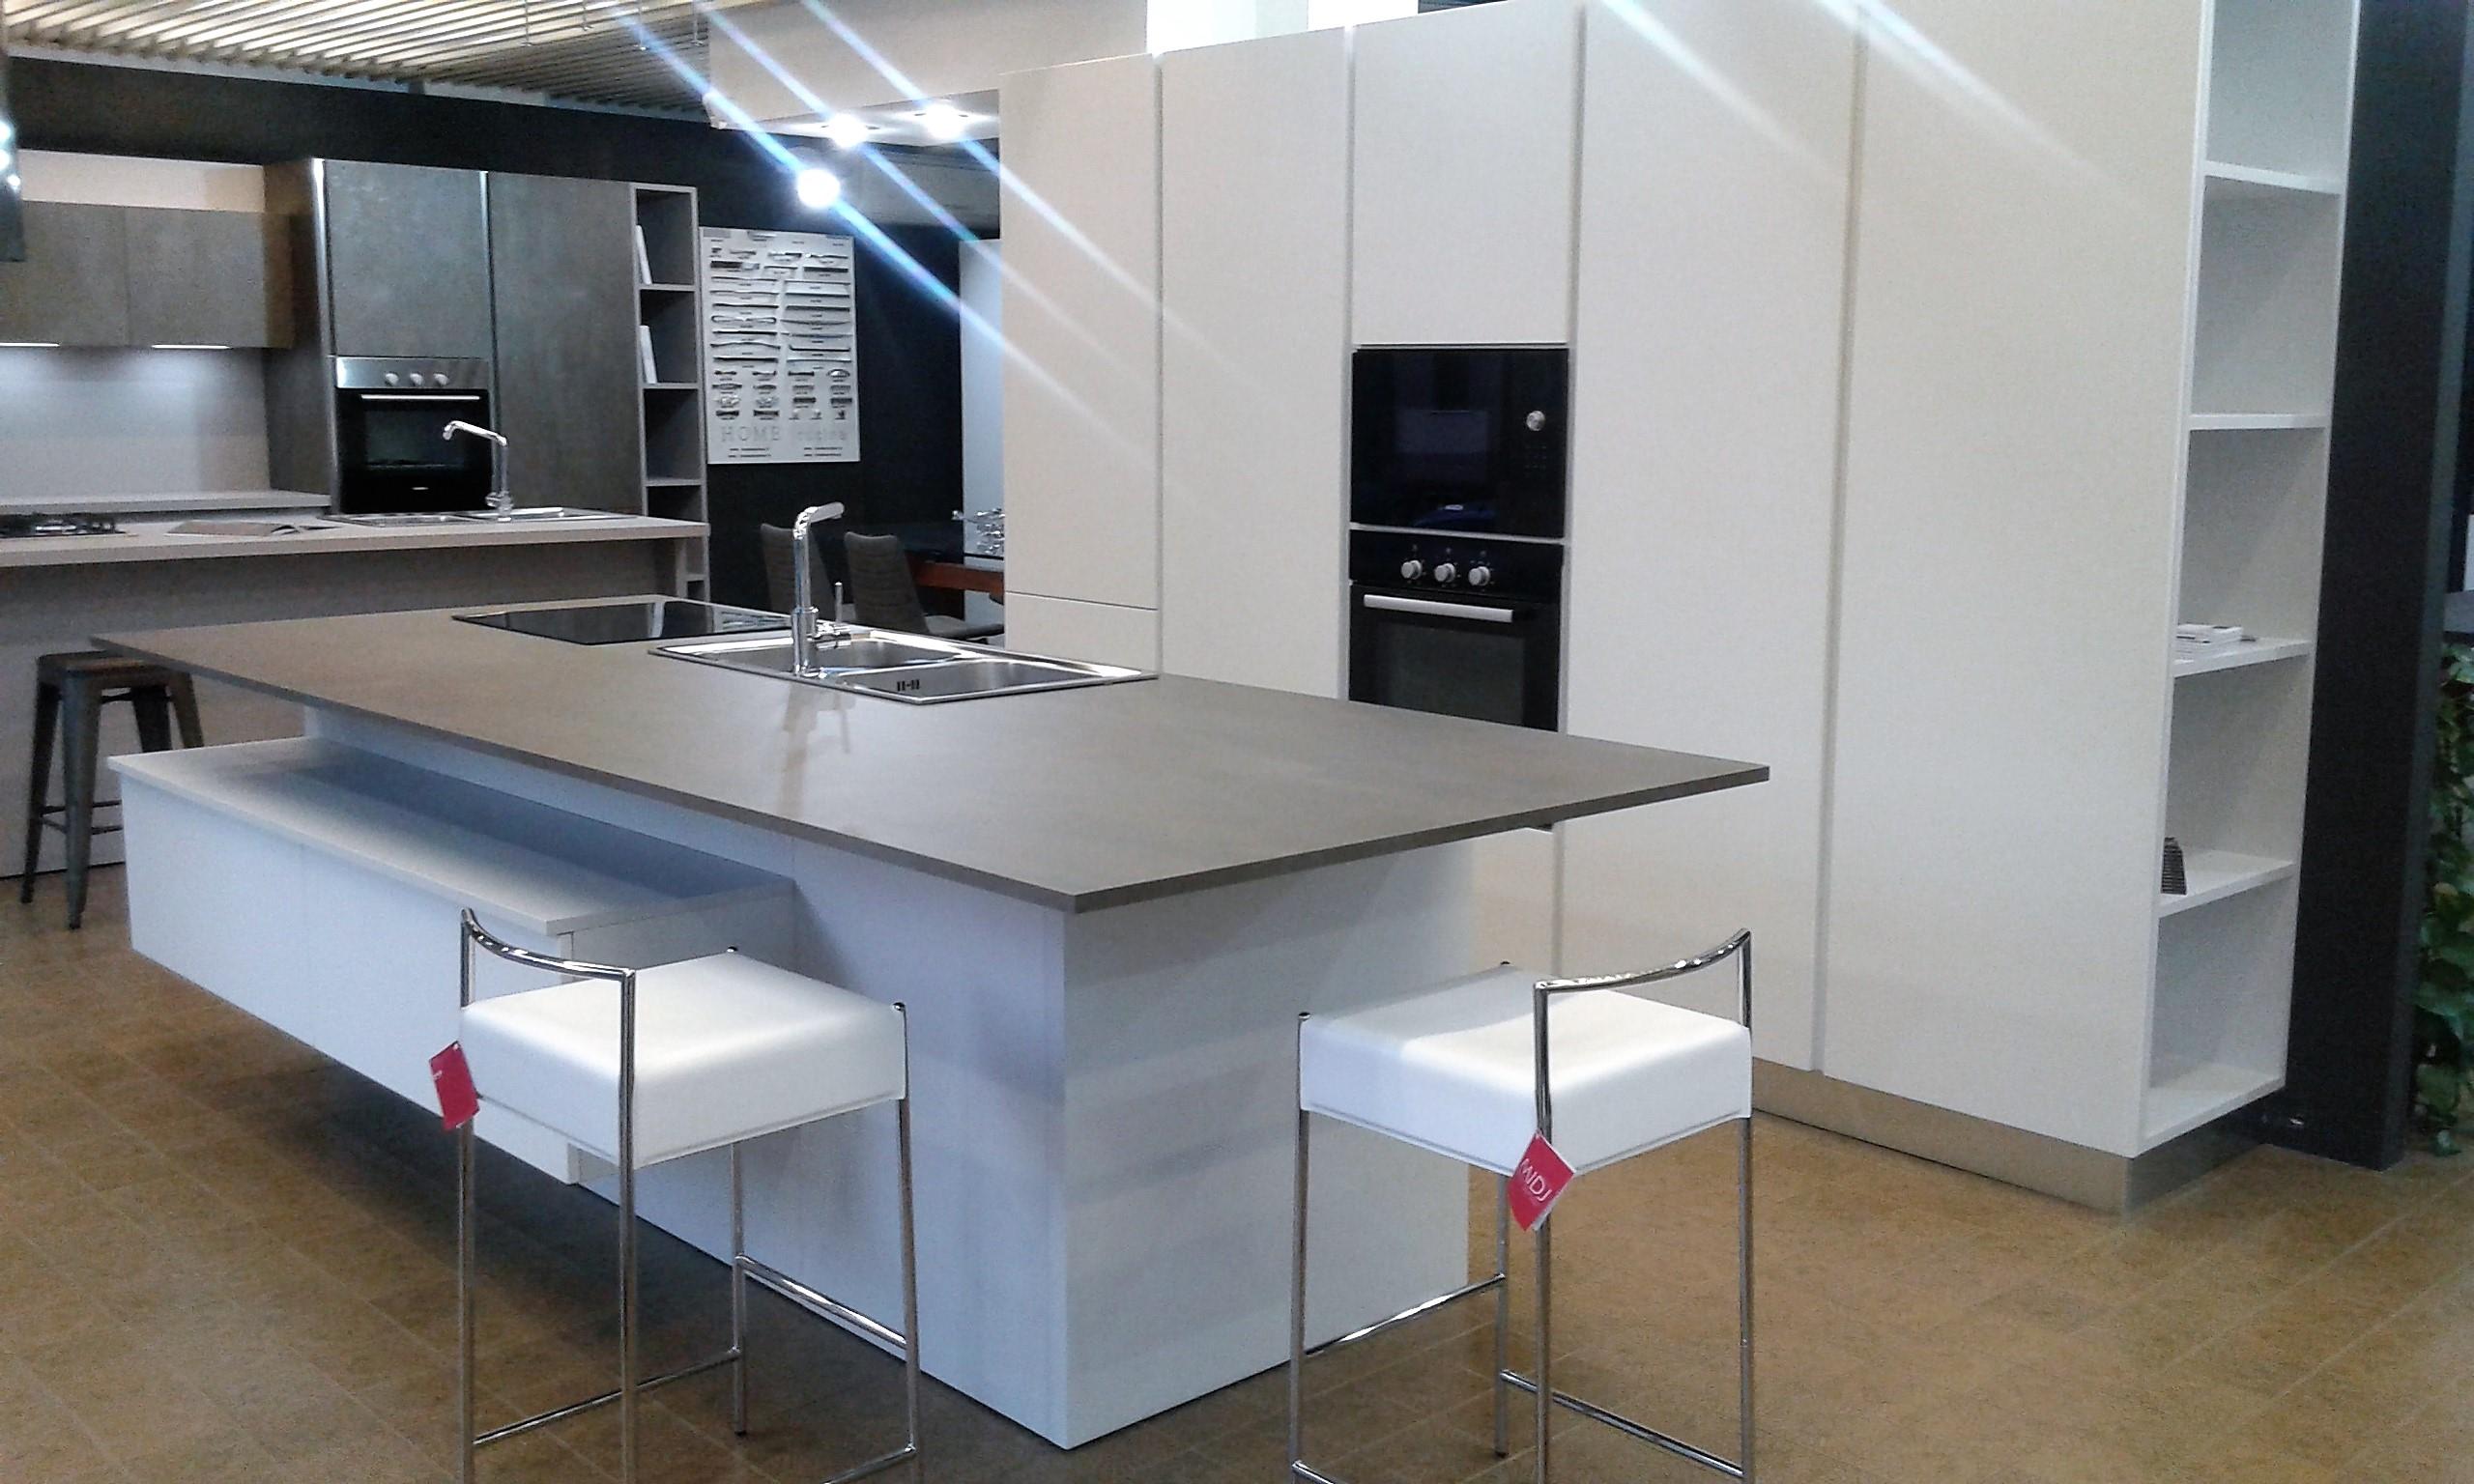 Cucina atra cucina componibile in polimerico opaco bianco - Cucina componibile prezzi ...